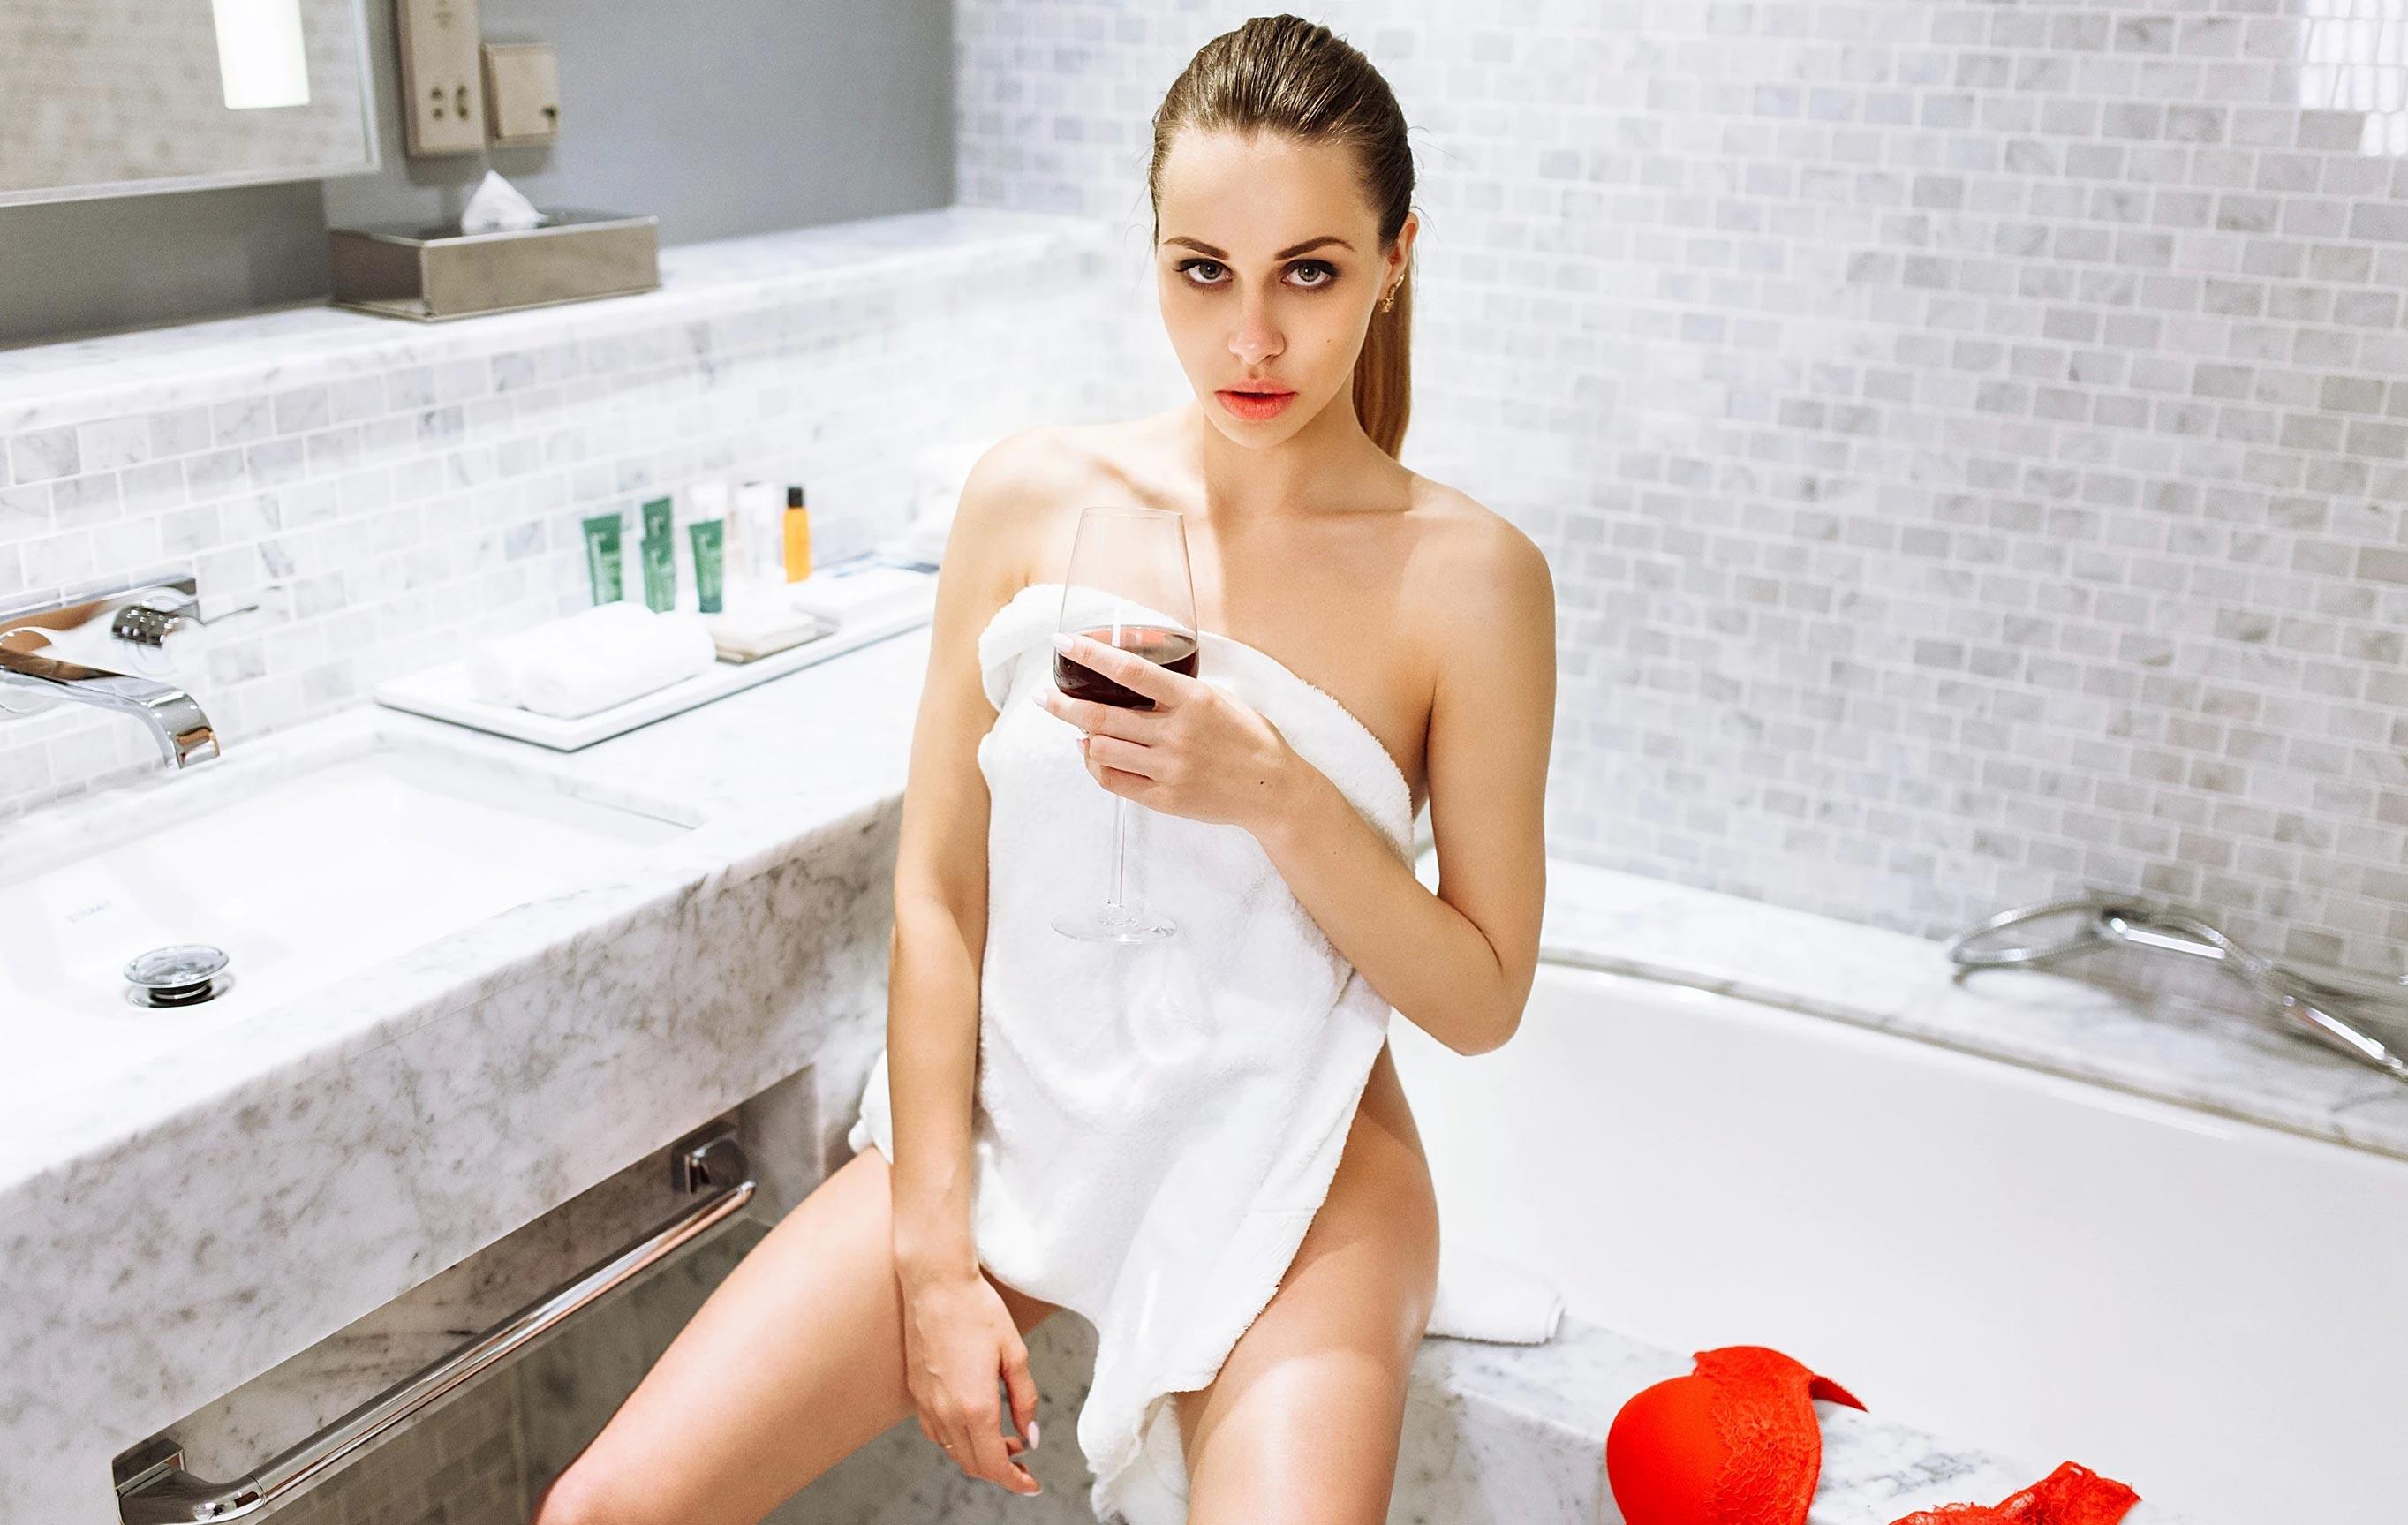 Татьяна Боброва отдыхает и пьет вино в номере отеля / фото 01